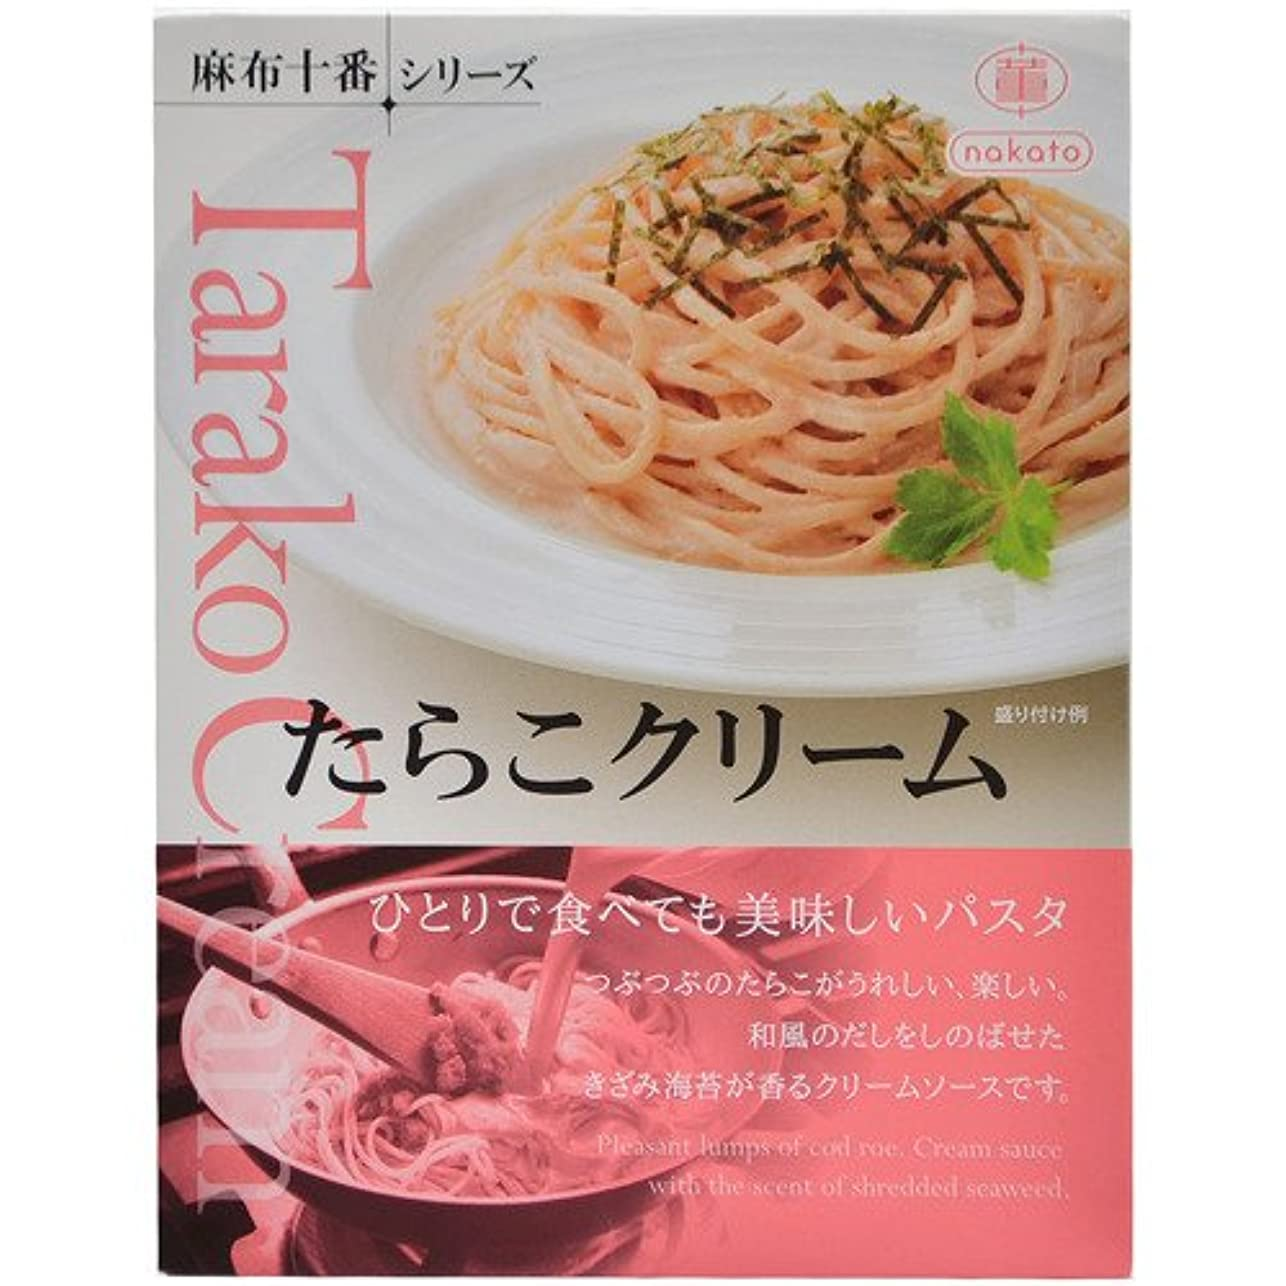 相手付き添い人感謝祭nakato麻布十番シリーズ たらこクリーム 110g